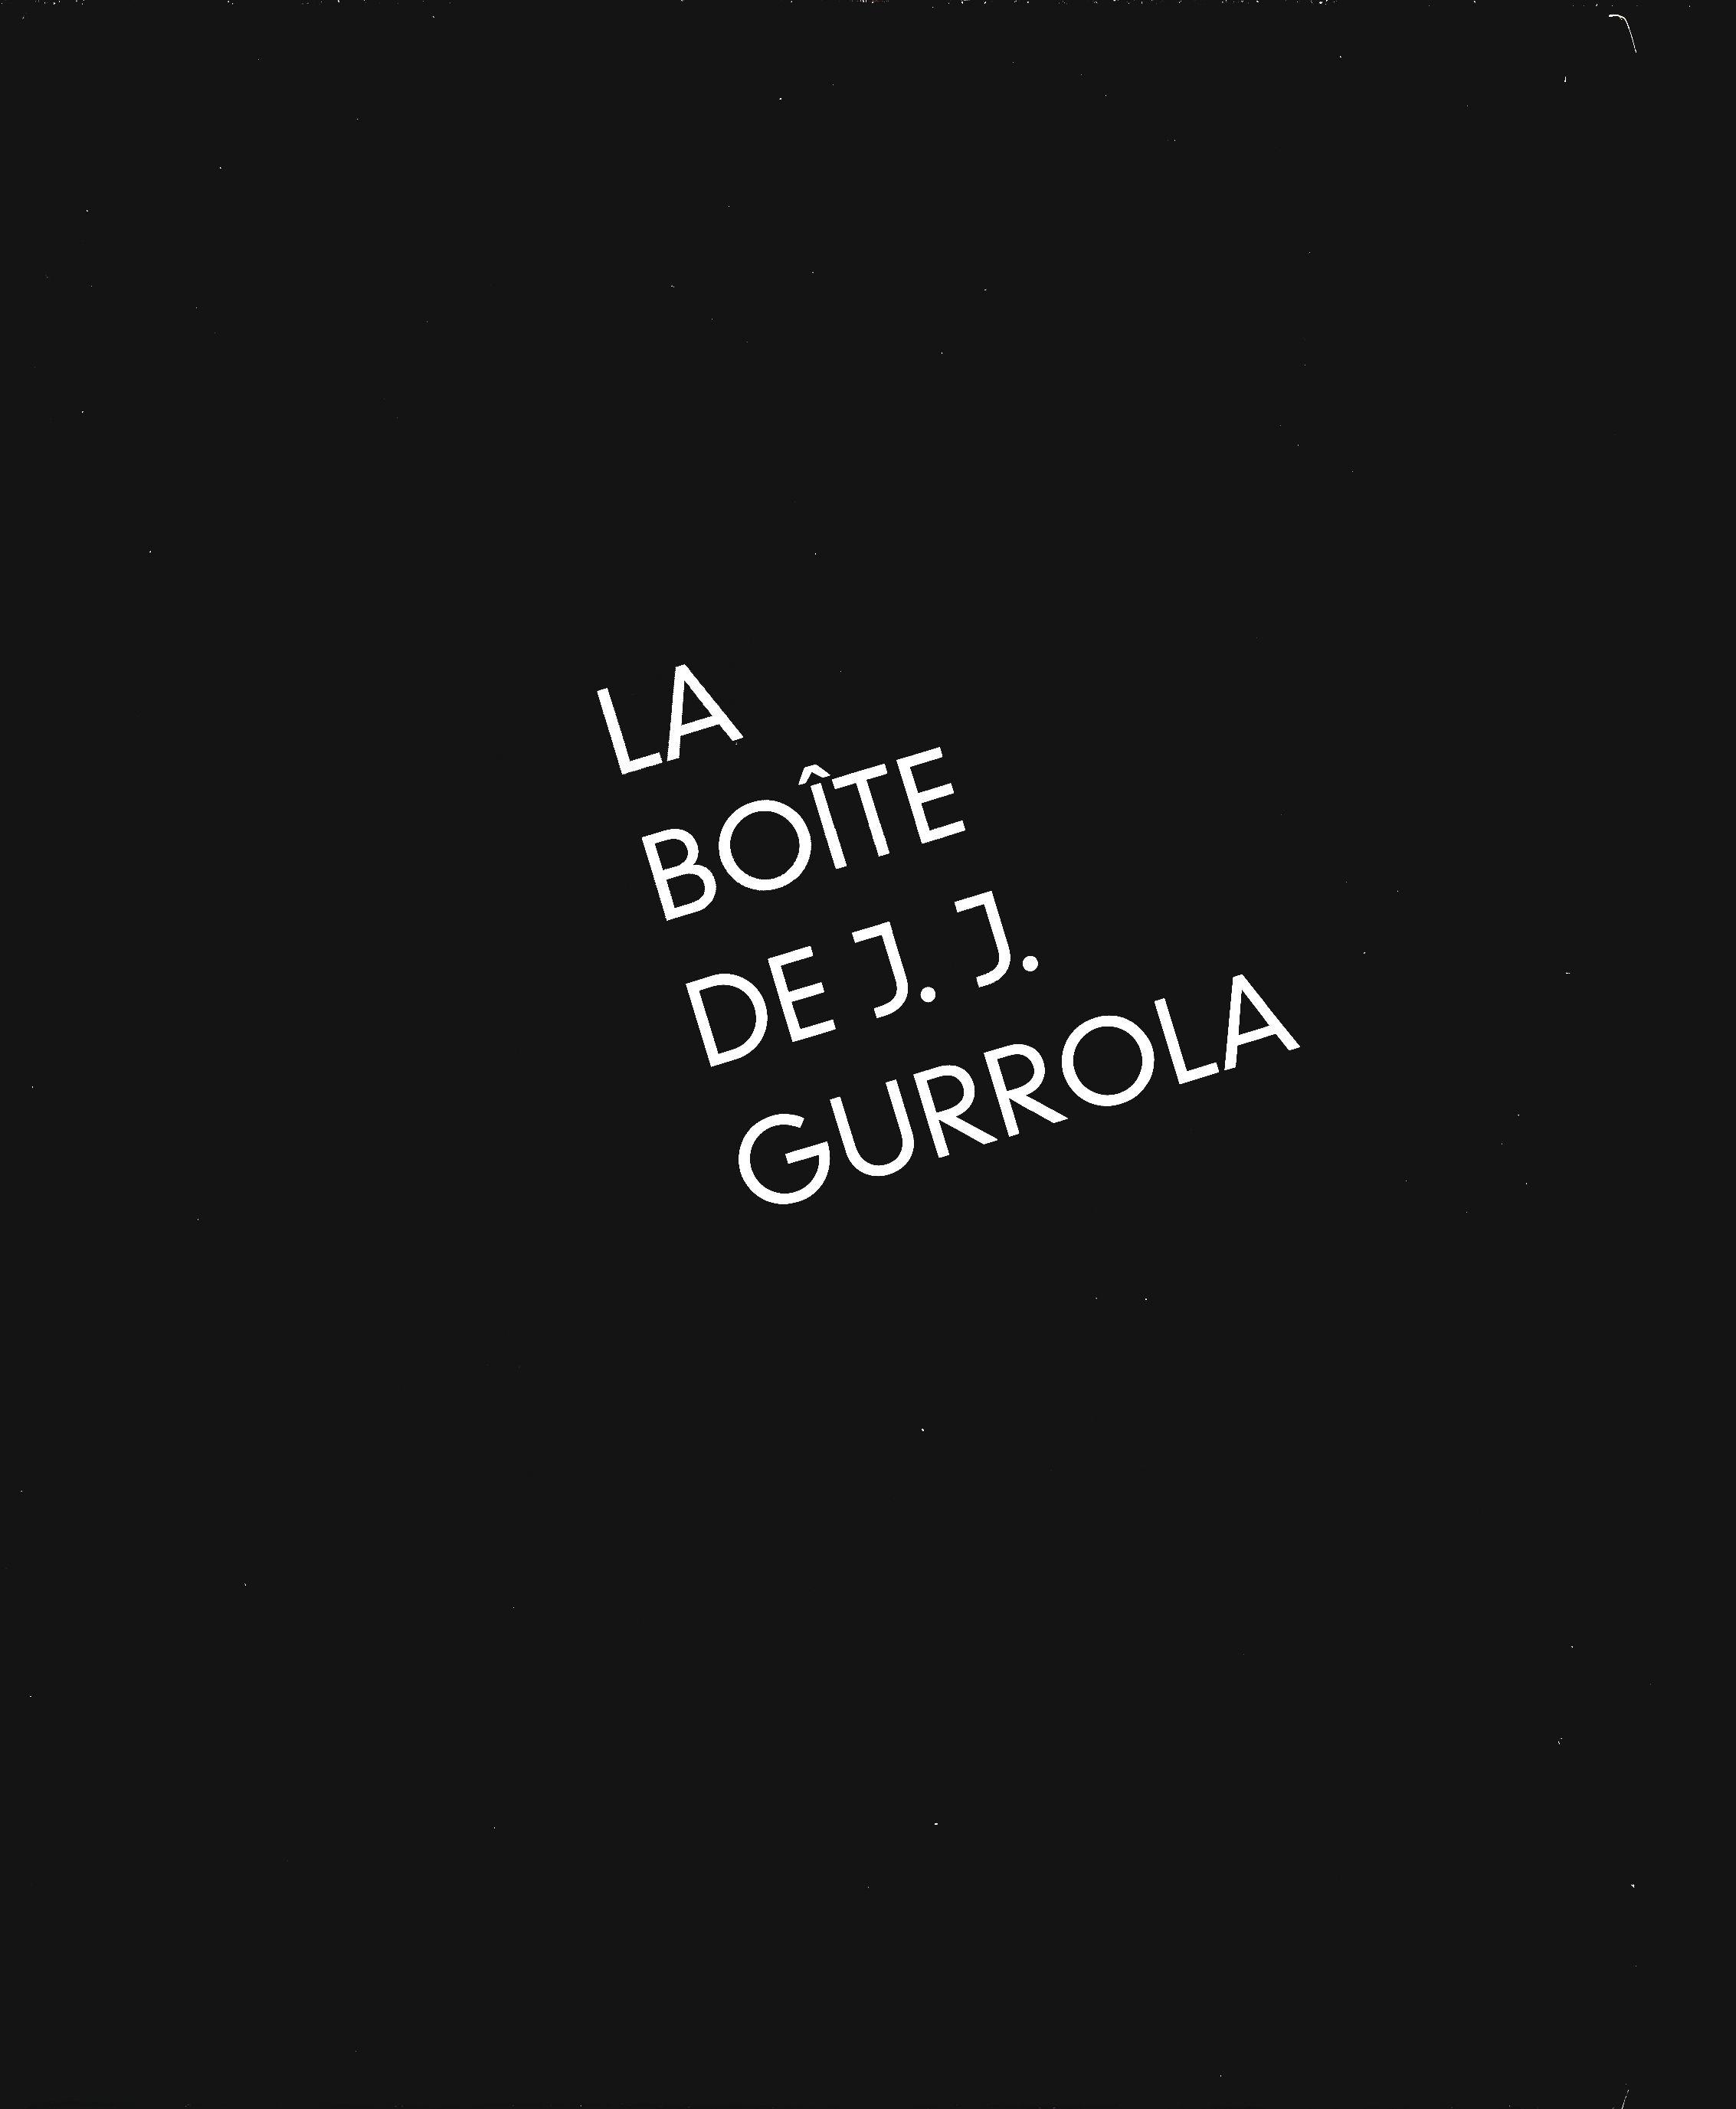 La boîte de J. J. Gurrola